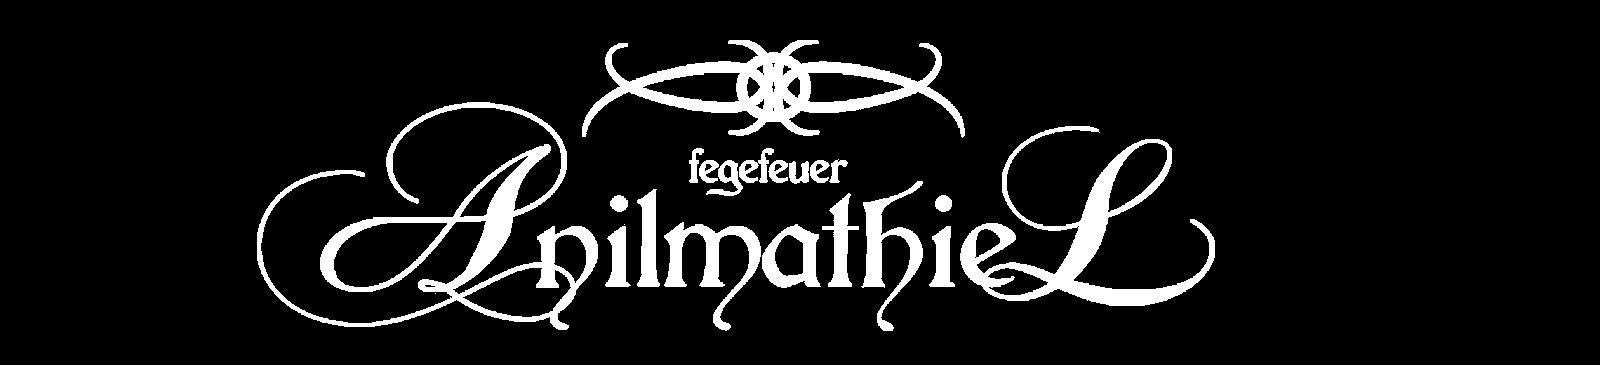 Fegefeuer Anilmathiel Official